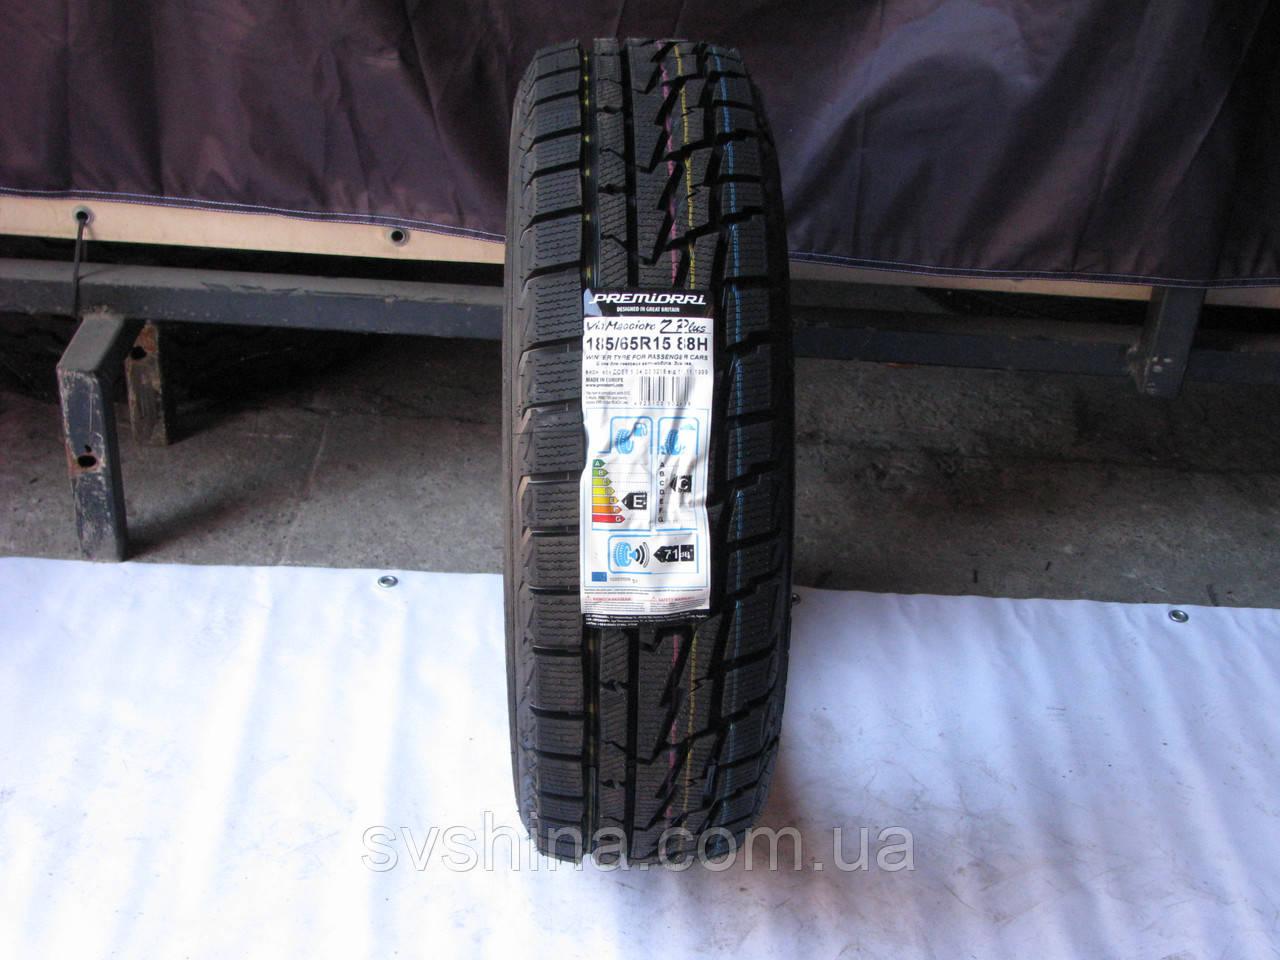 Зимові шини 185/65R15 Premiorri Via Maggiore Z Plus, 88Н